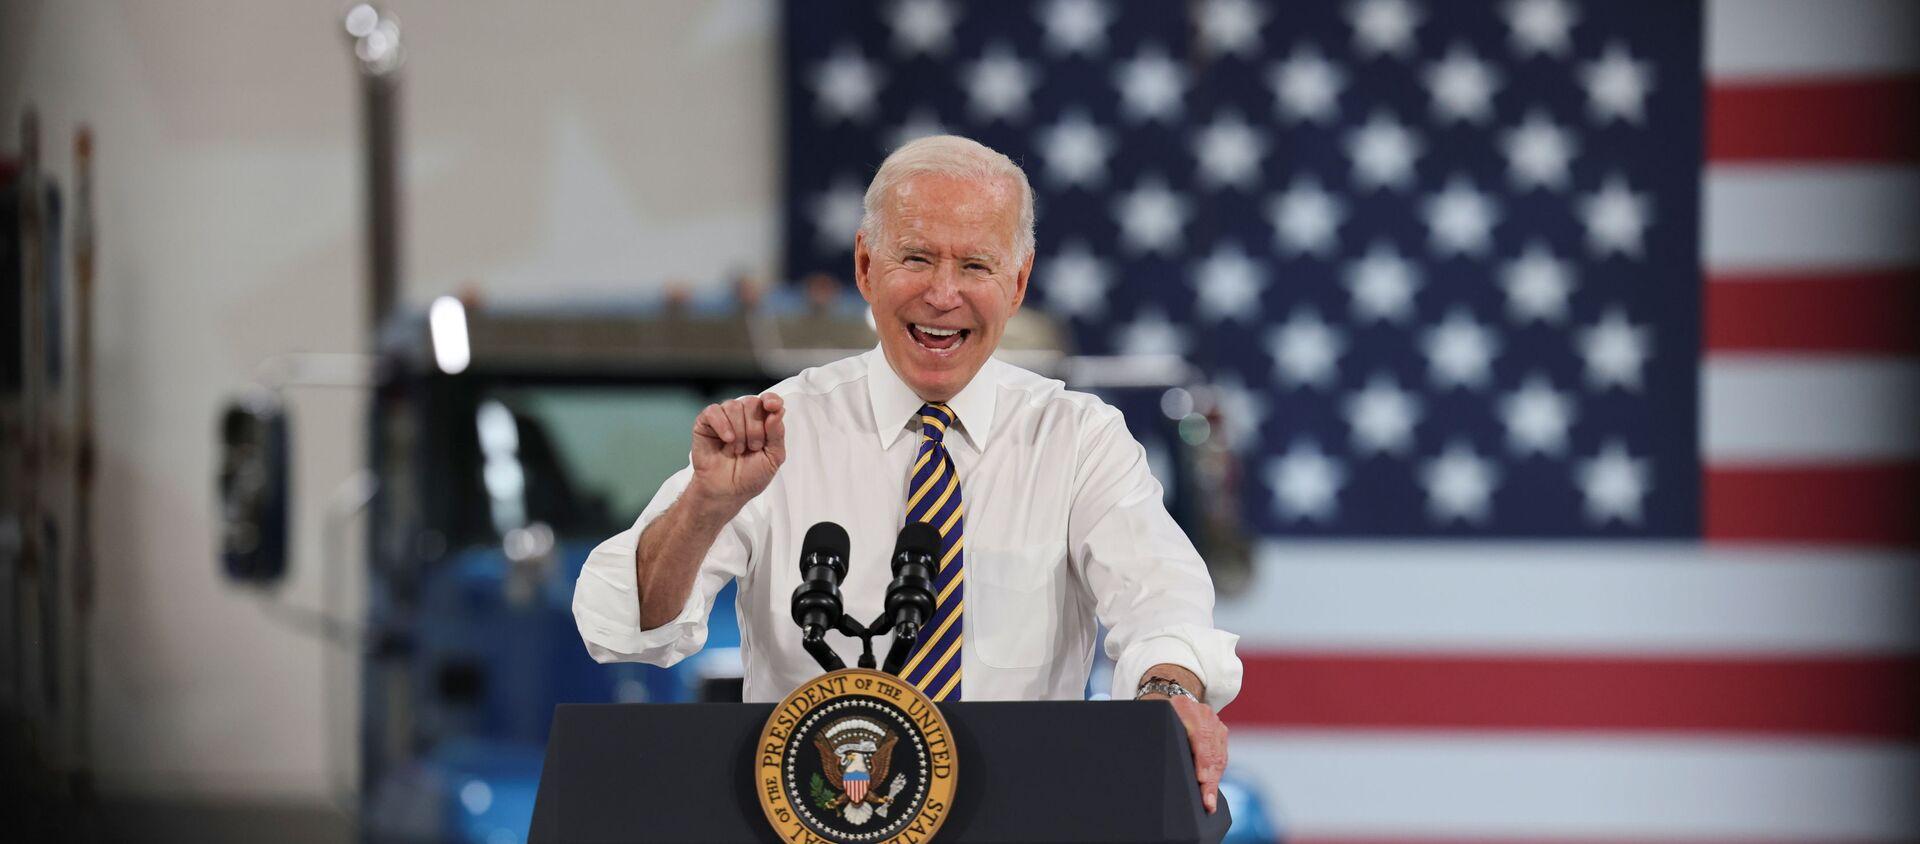 ABD Başkanı Joe Biden, Pensylvania eyaletindeki otomotiv üreticilerini ziyaret ederek konuşma yaptı (28 Temmuz 2021) - Sputnik Türkiye, 1920, 30.07.2021